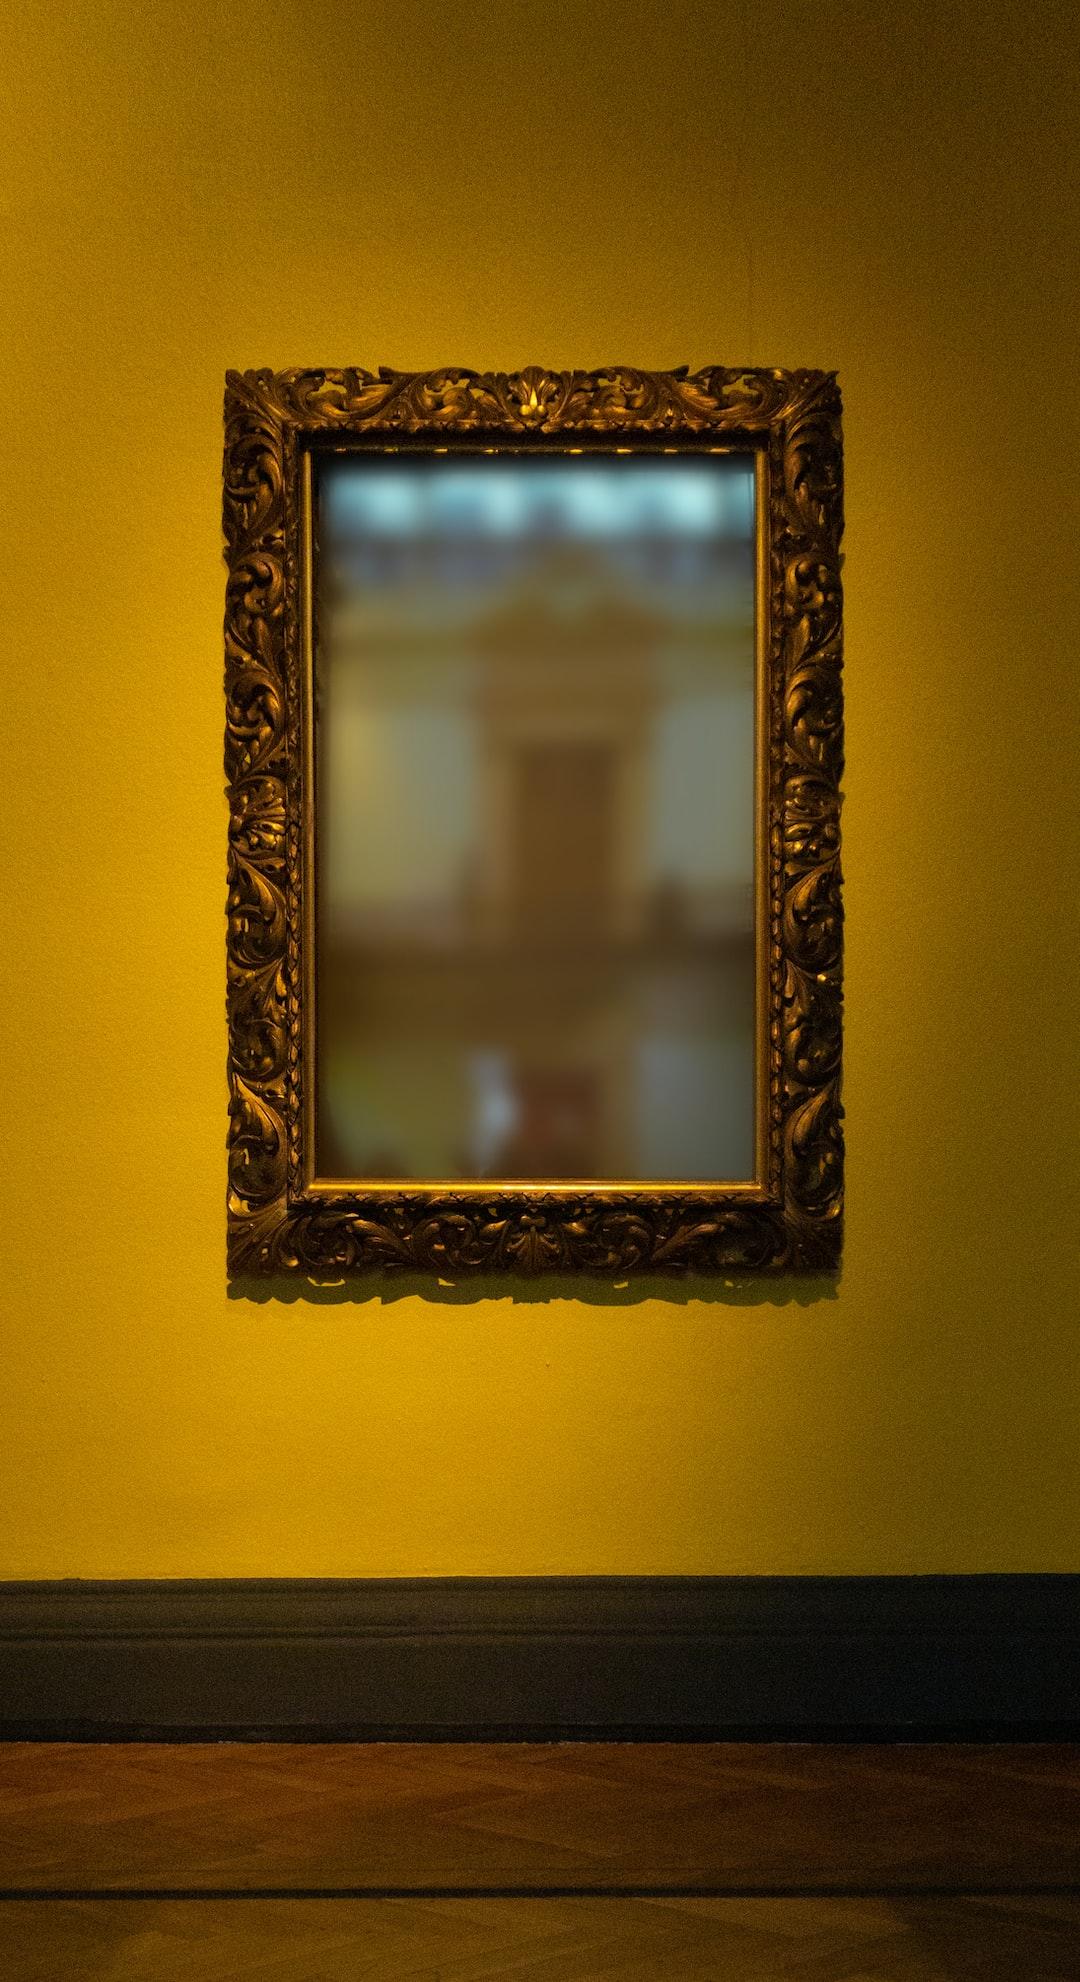 Photo taken in a Musem in Santiago de Chile.